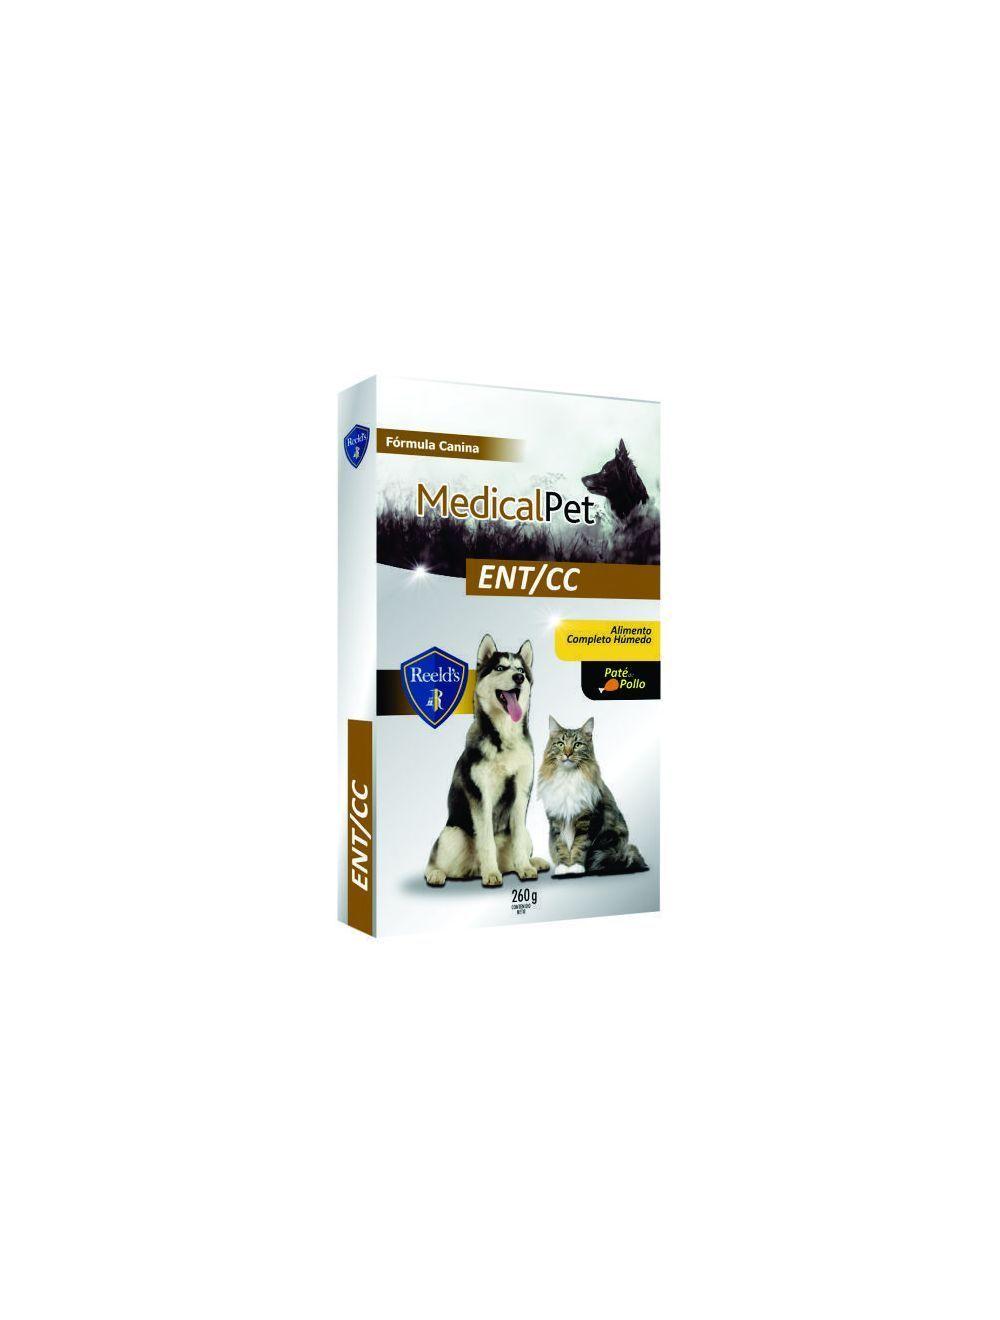 Medical Pet ENT/CC Sobre x 1 und 260g